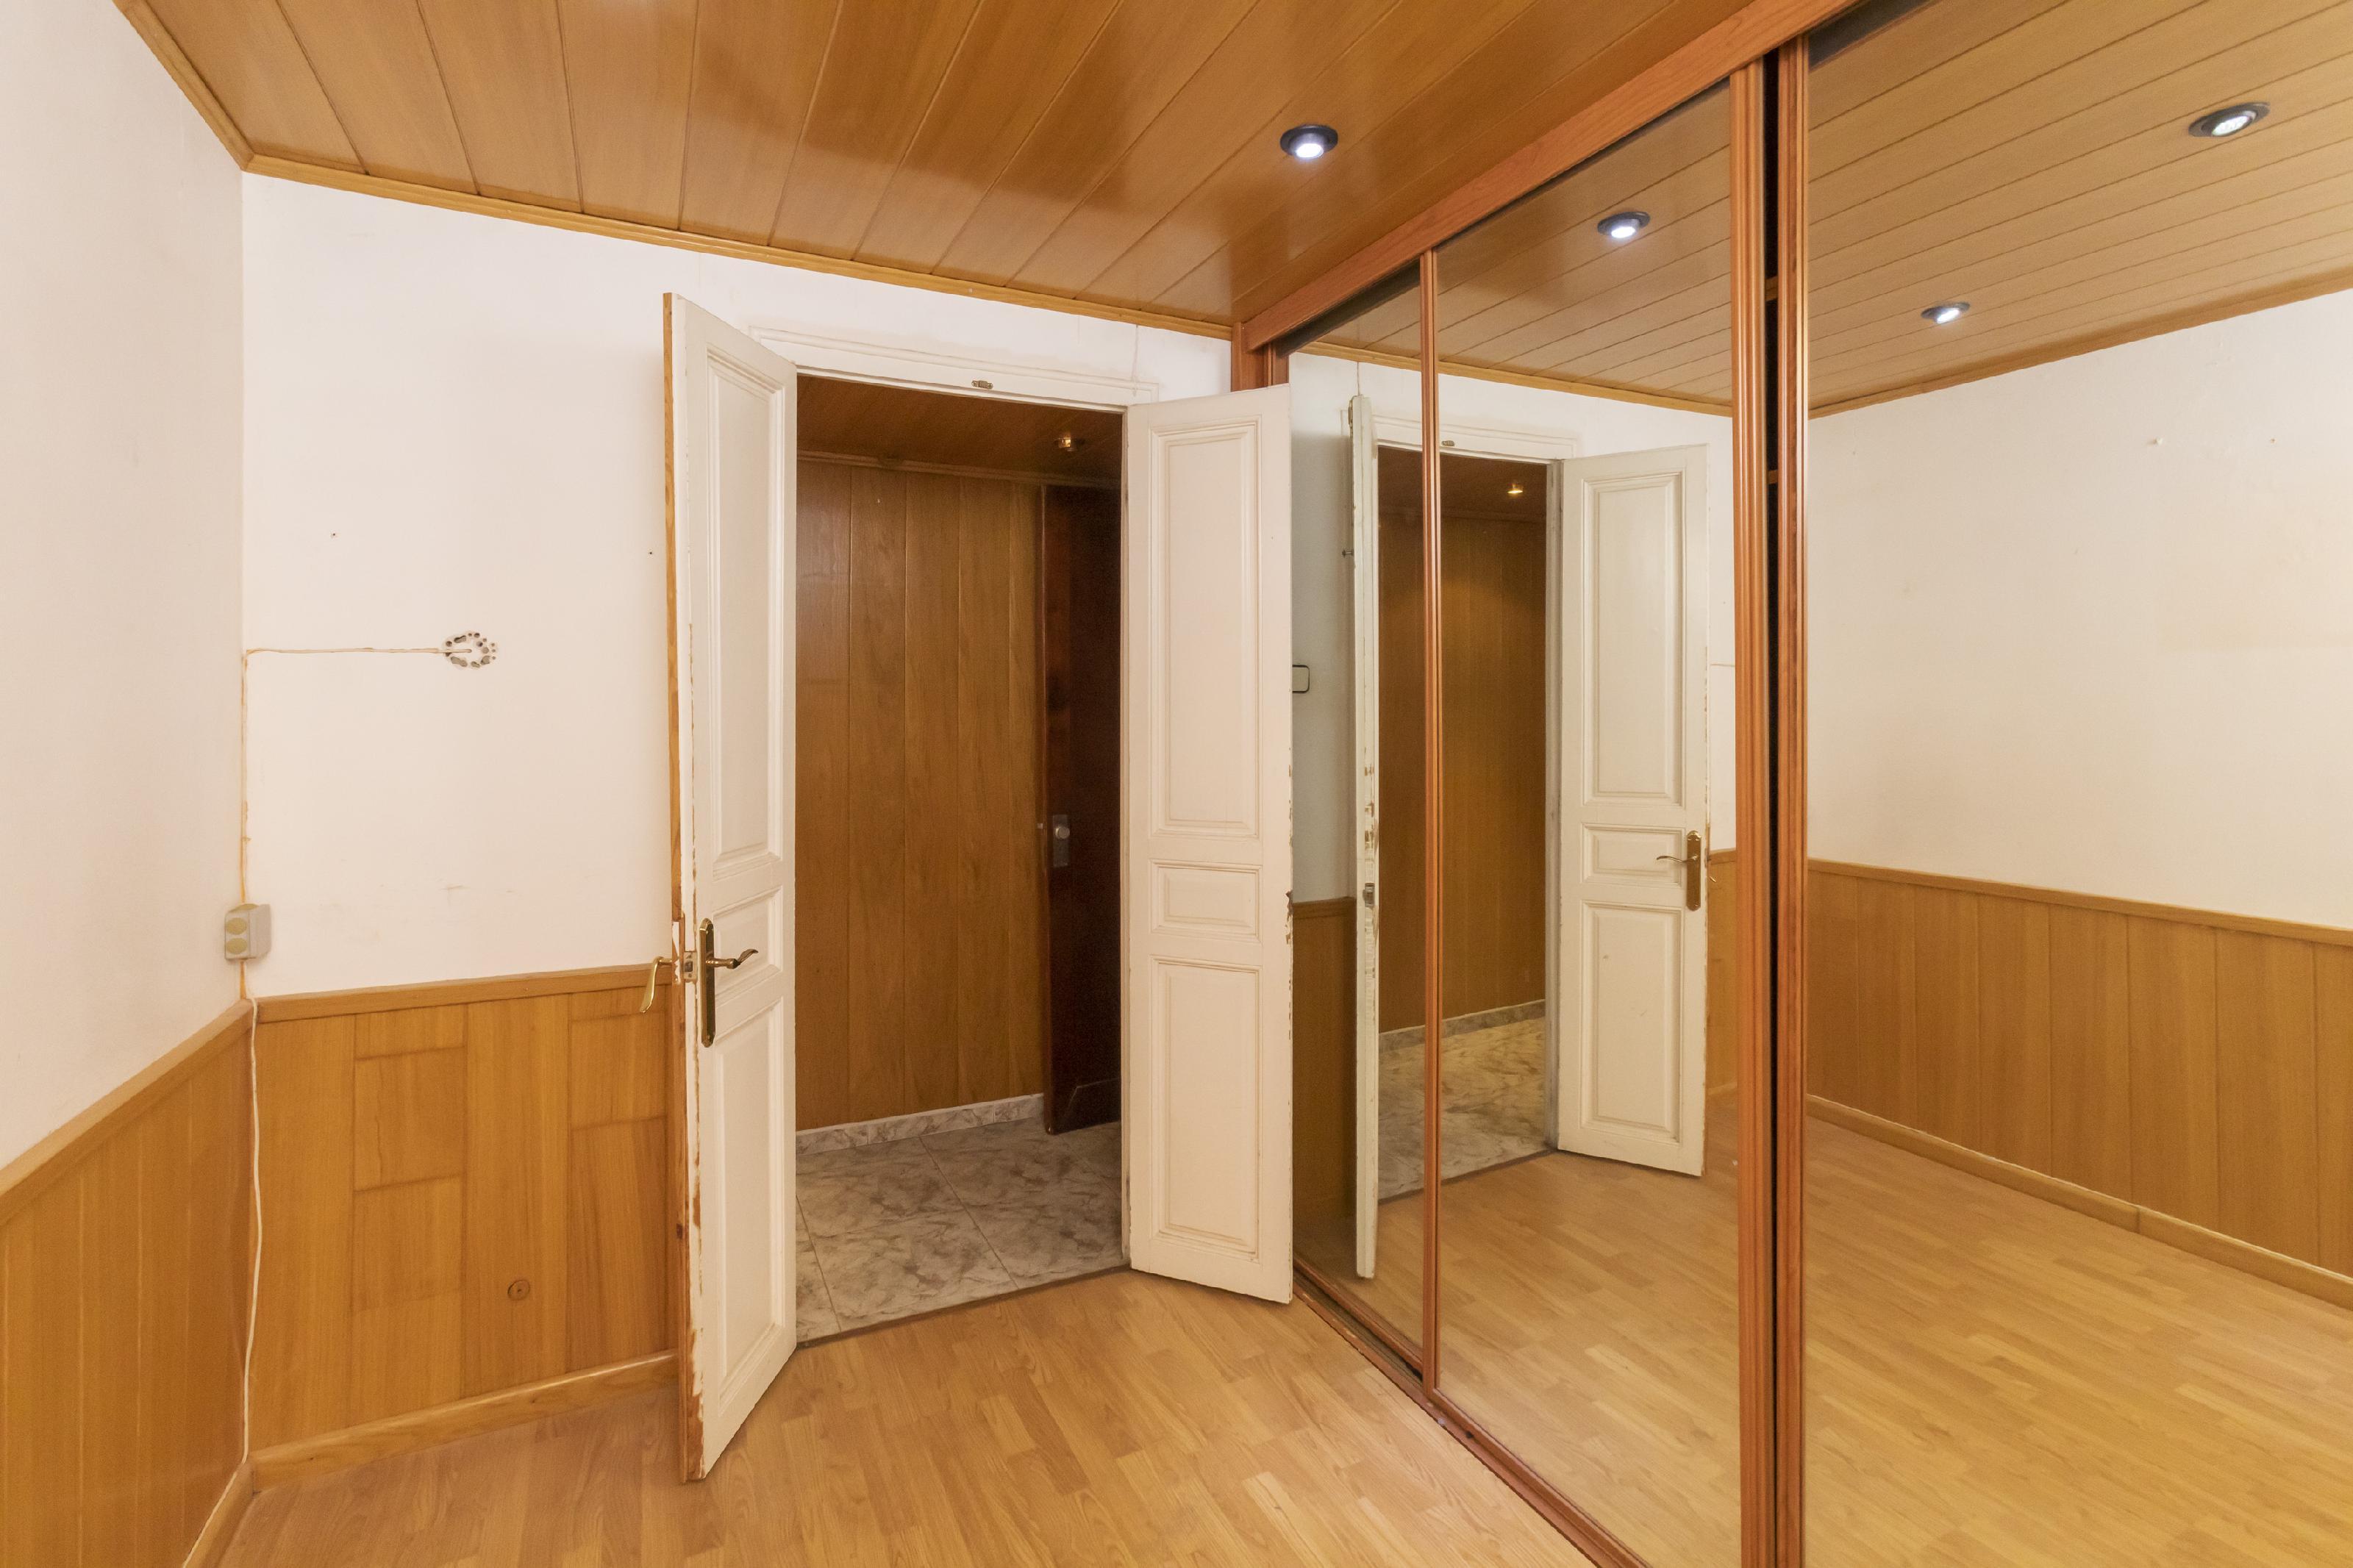 249361 Flat for sale in Eixample, Antiga Esquerre Eixample 22